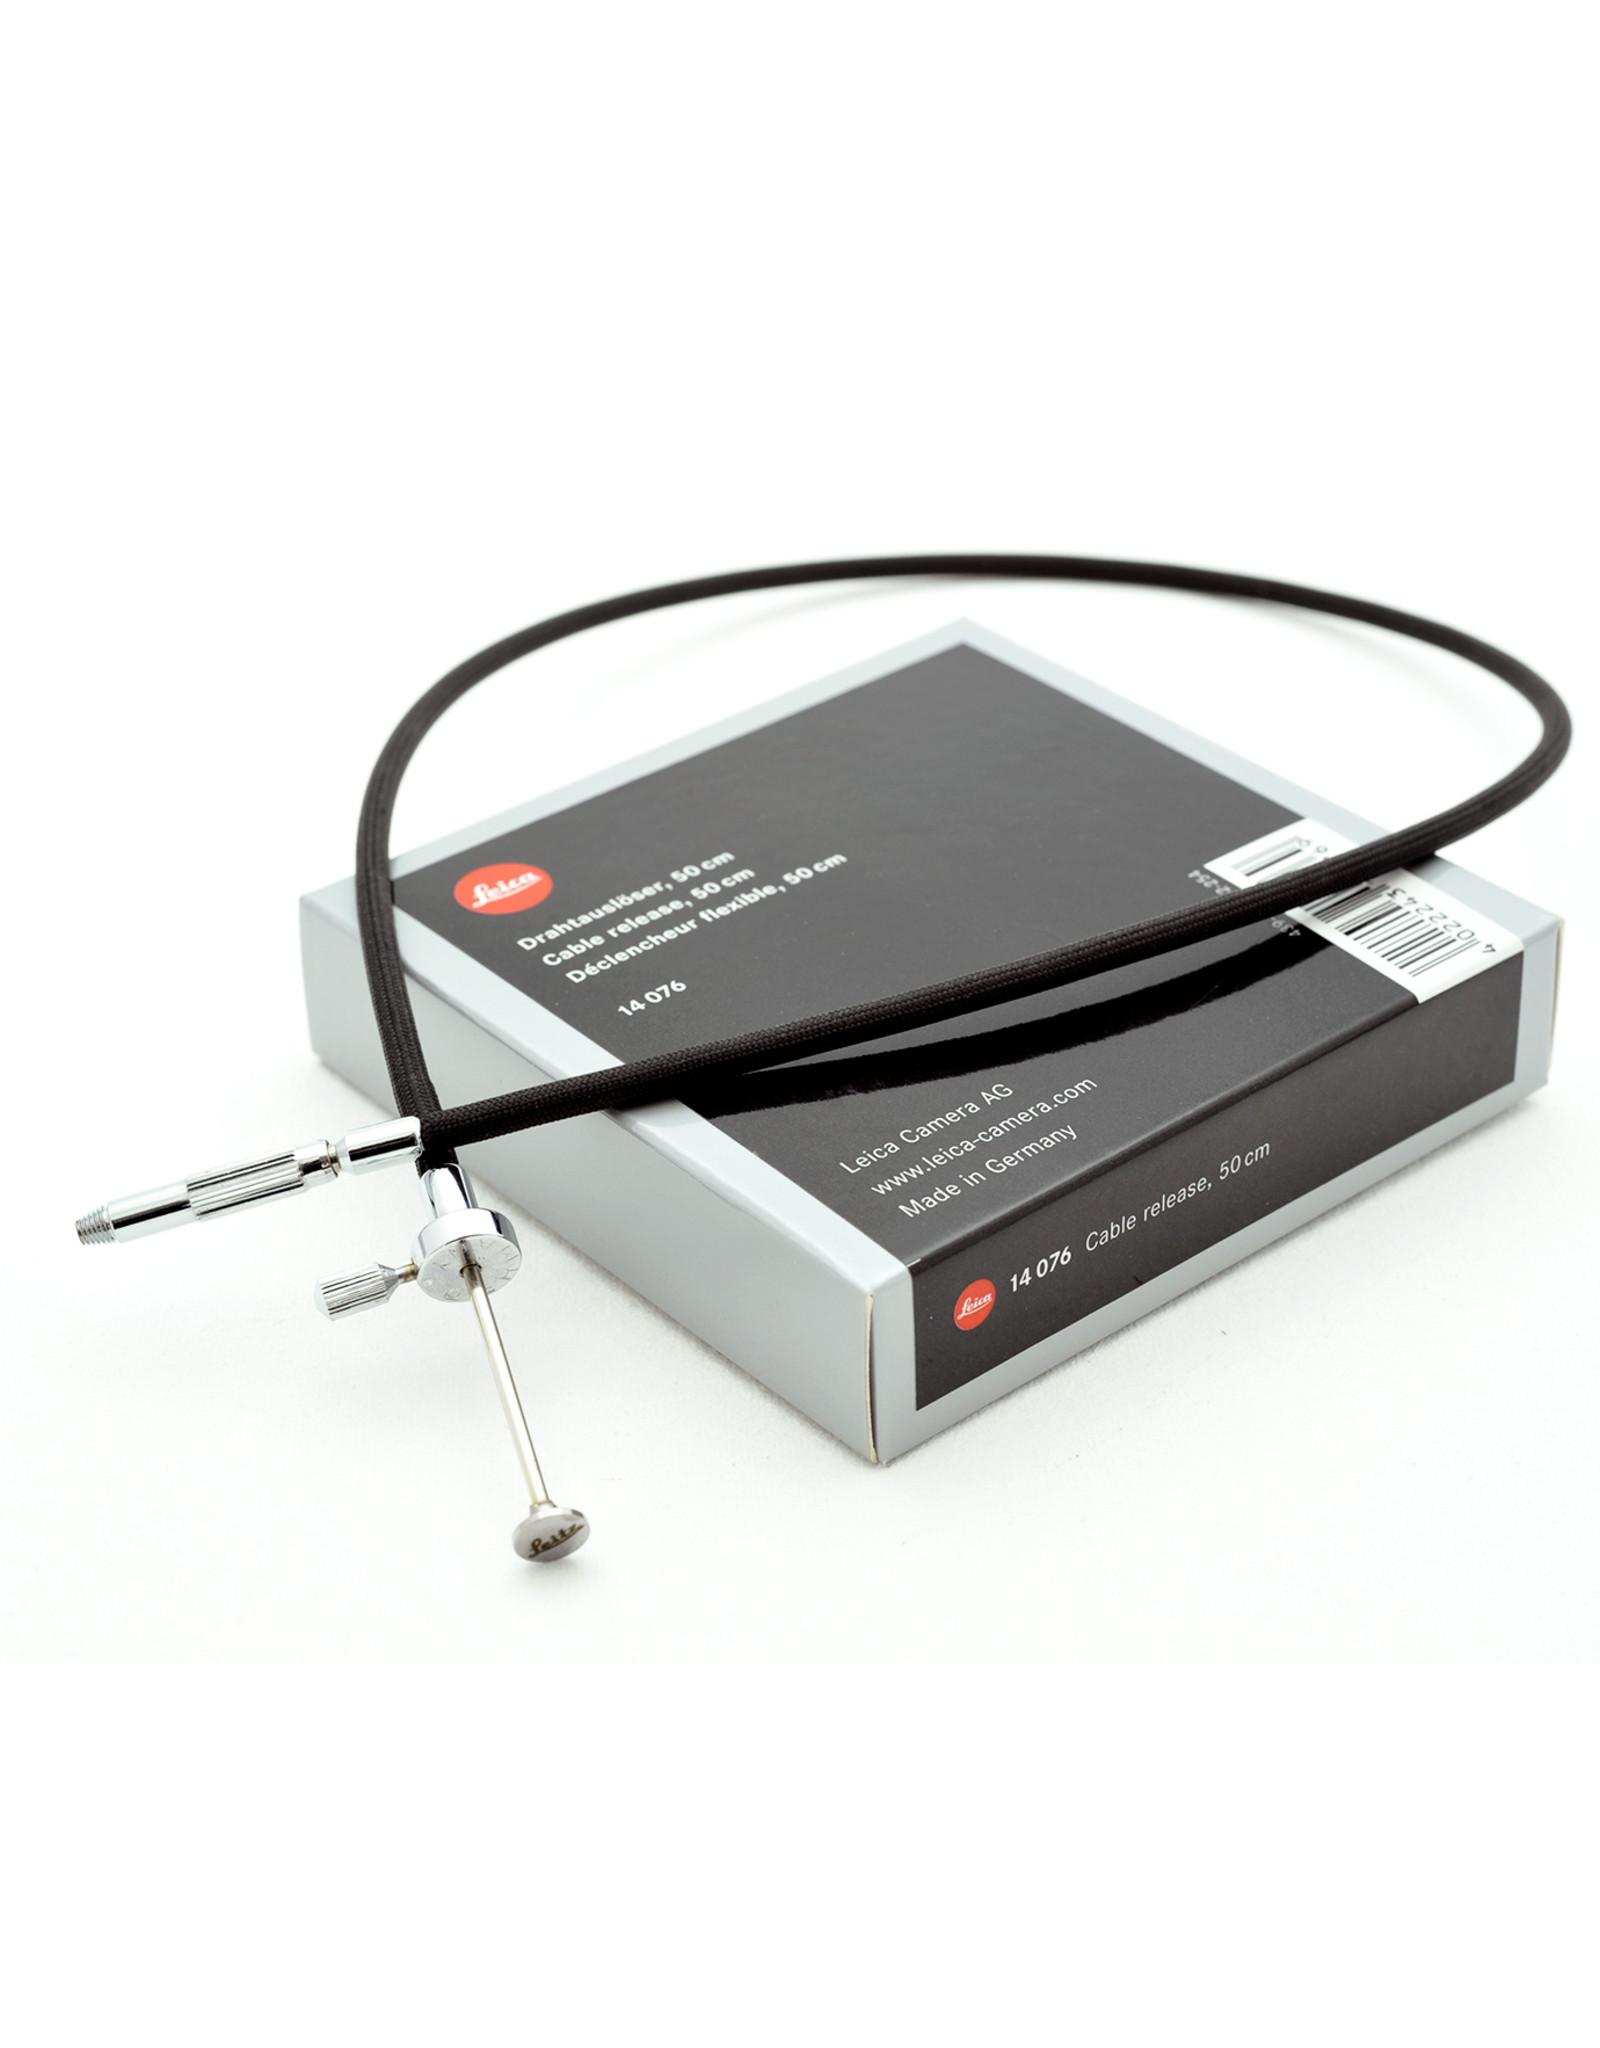 Leica Leica Cable Release 50cm   140-76